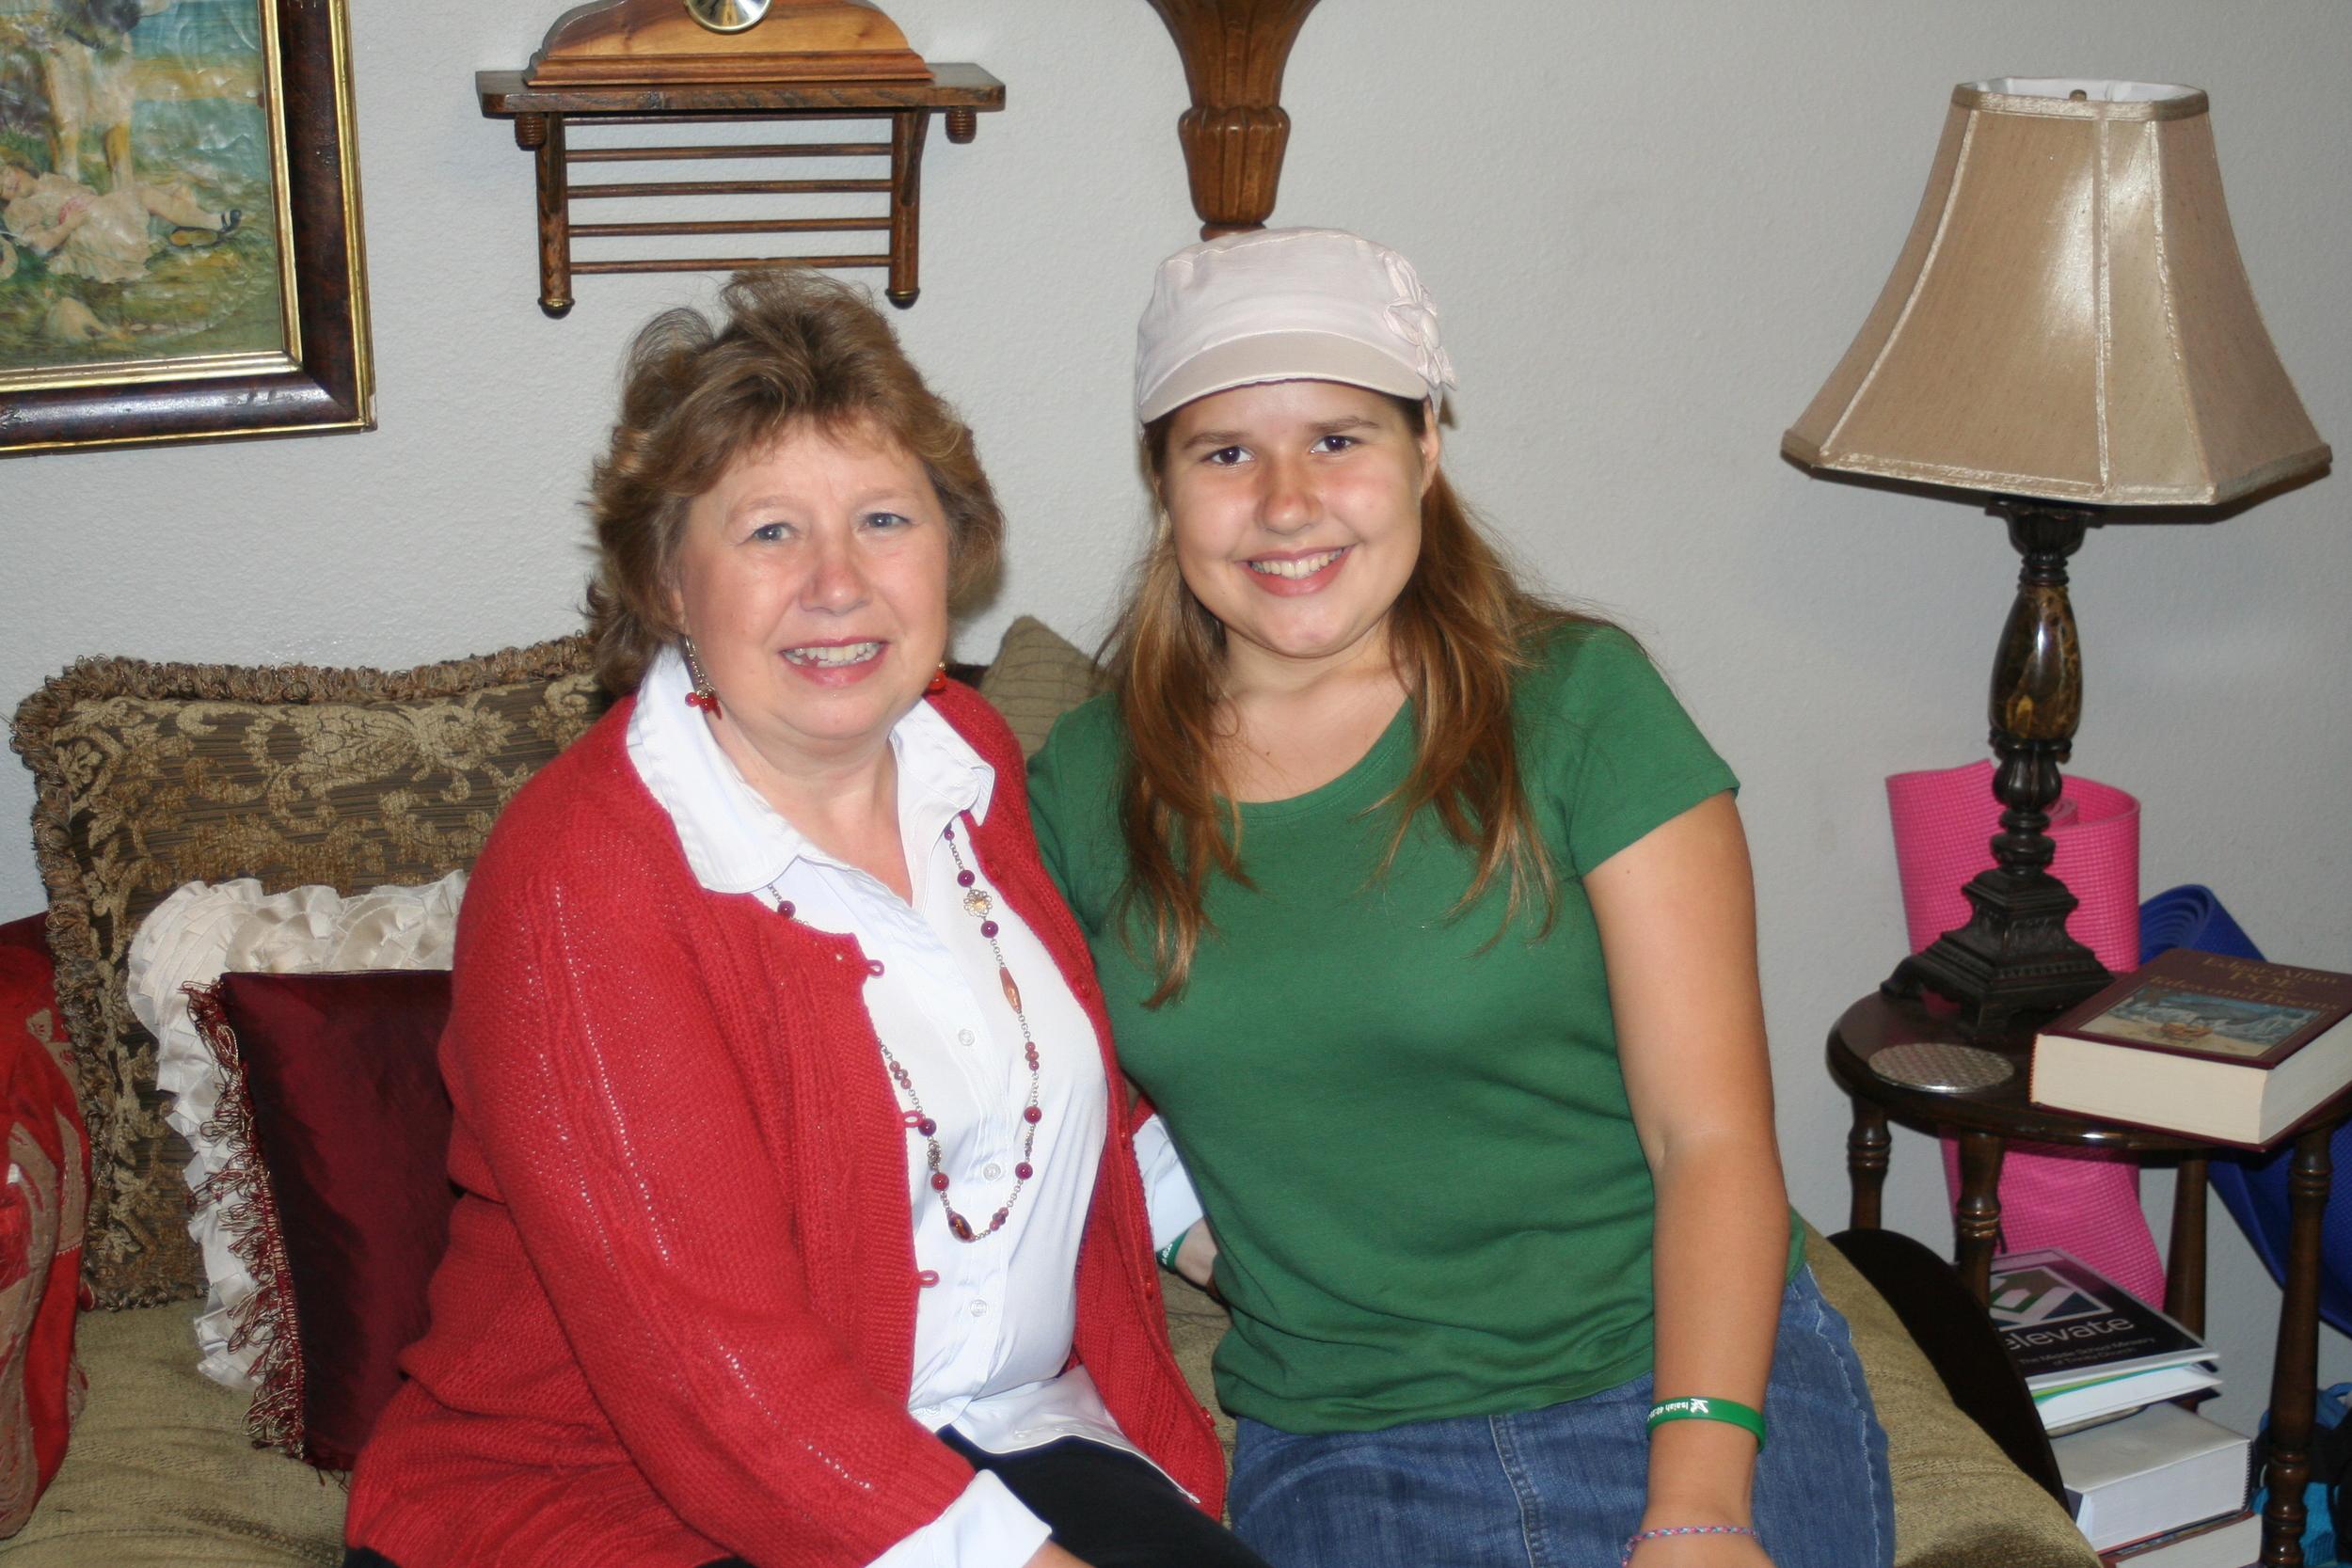 Grandma Derksen with Victoria